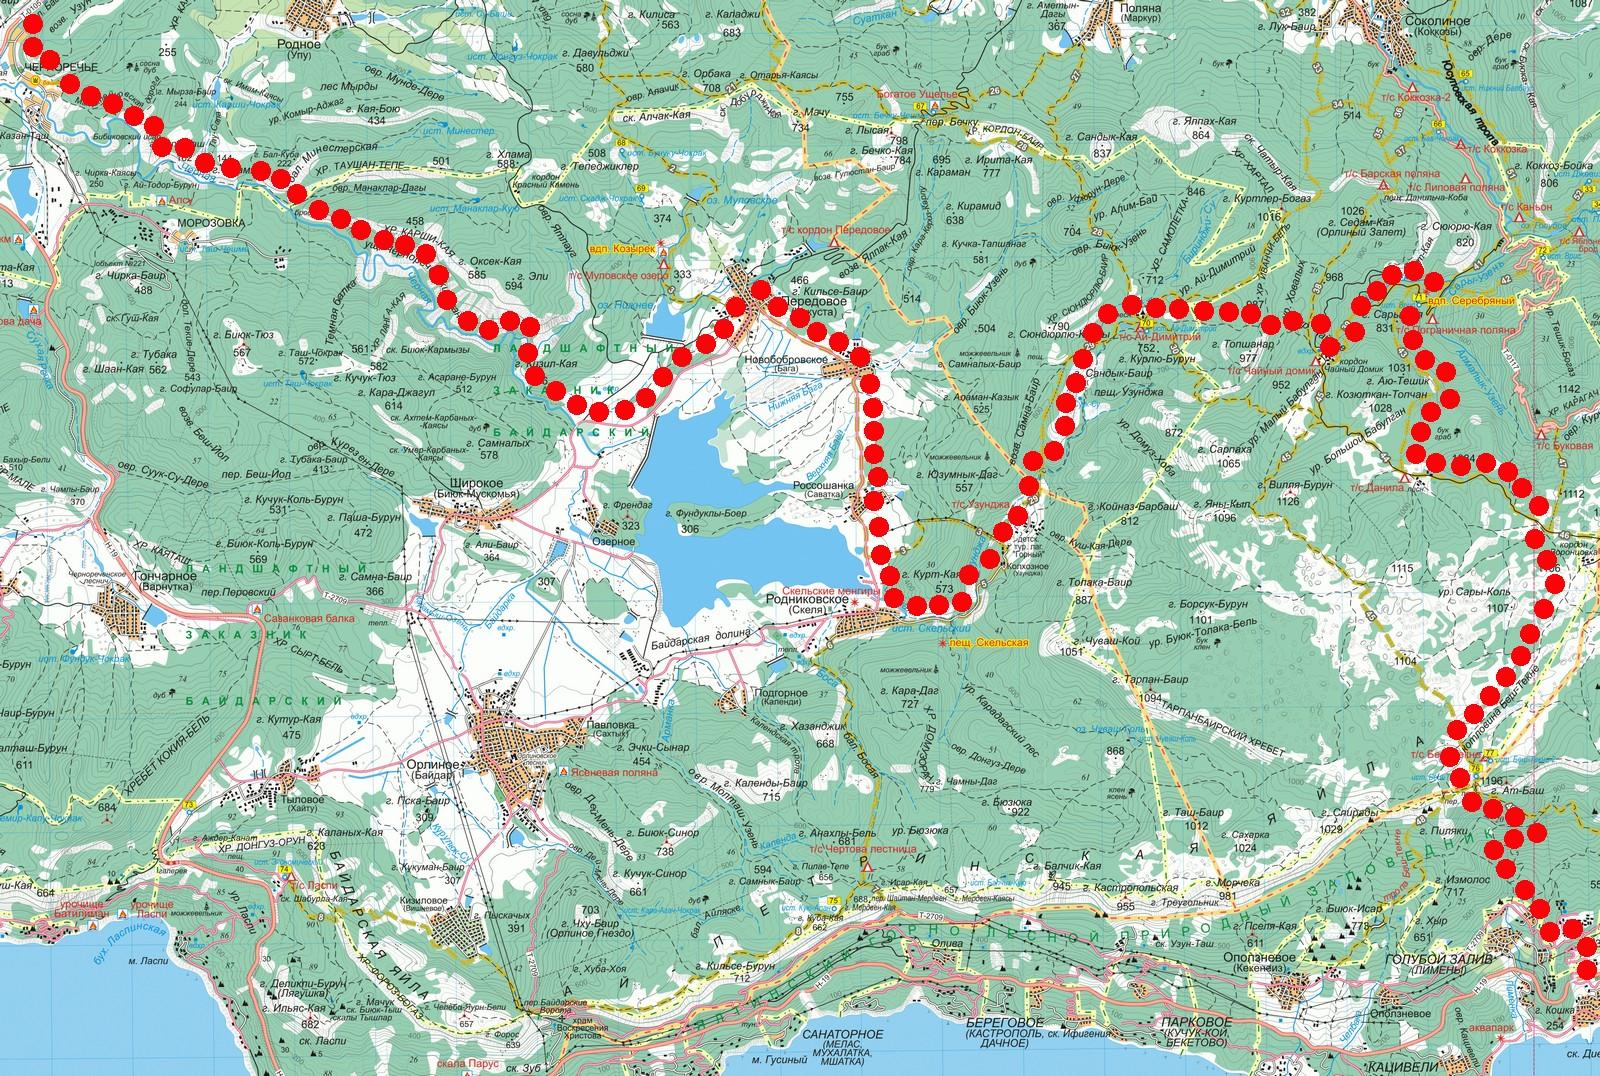 При крутом рельефе местности используются схема трассировки городских водоотводящих сетей